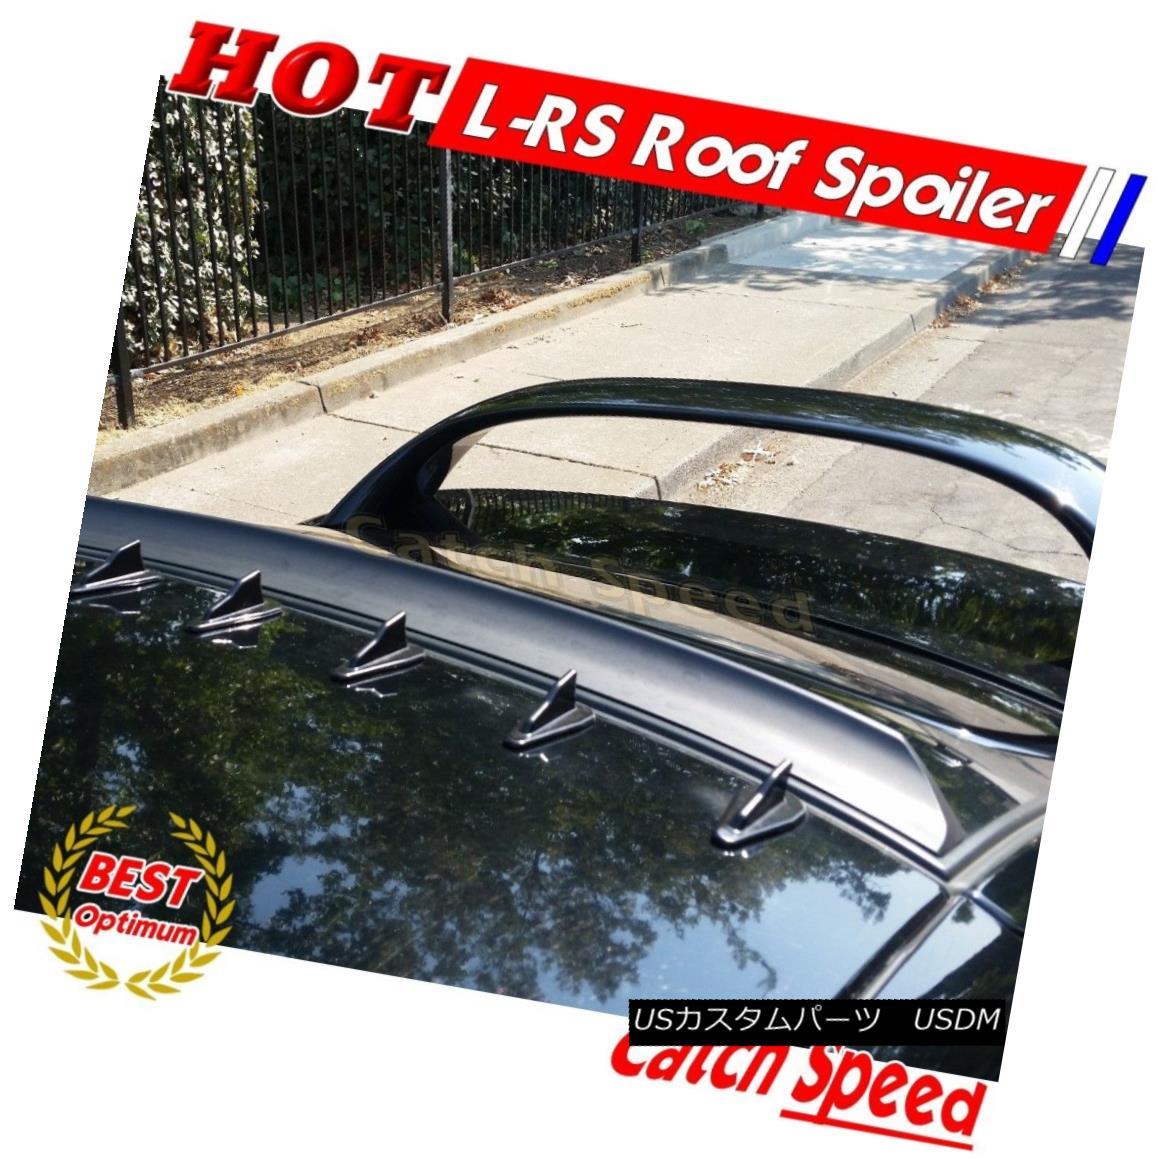 エアロパーツ Flat Black LRS Type Rear Roof Spoiler W For Chevrolet Cavalier 2003-2005 COUPE ? フラットブラックLRSタイプリアルーフスポイラーWシボレーキャバリア2003-2005 COUPE?